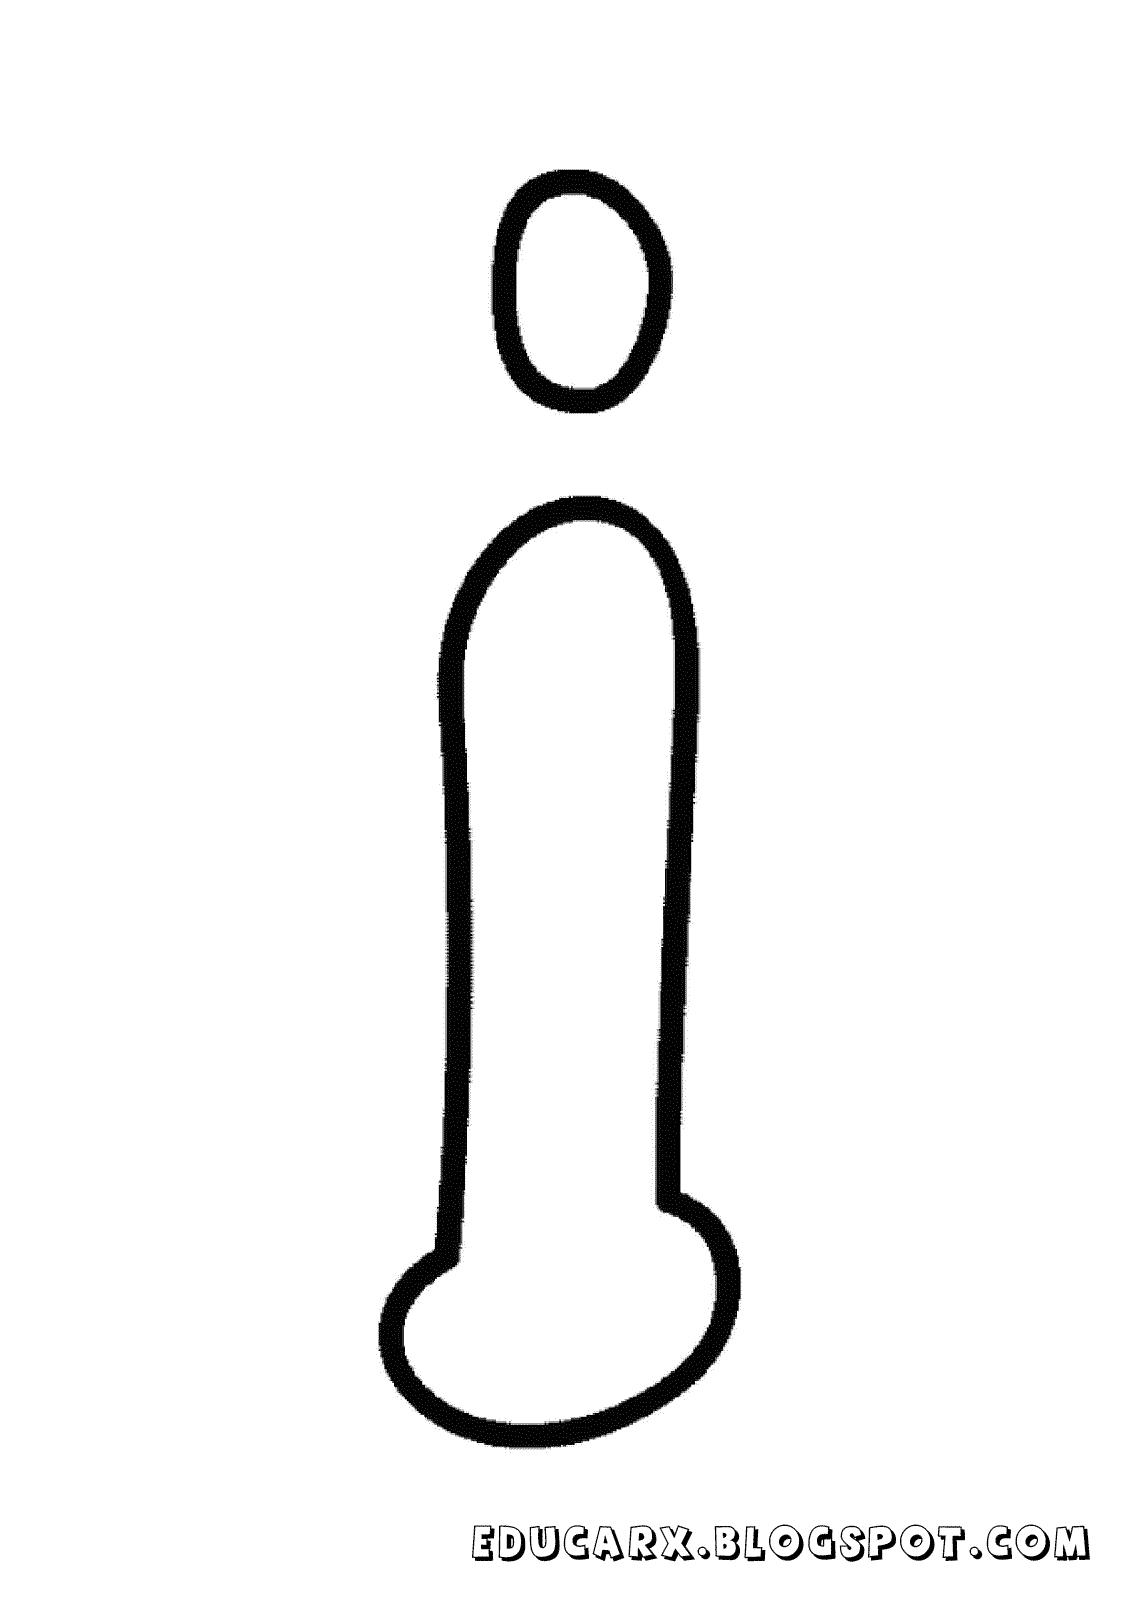 Molde da letra minuscula i